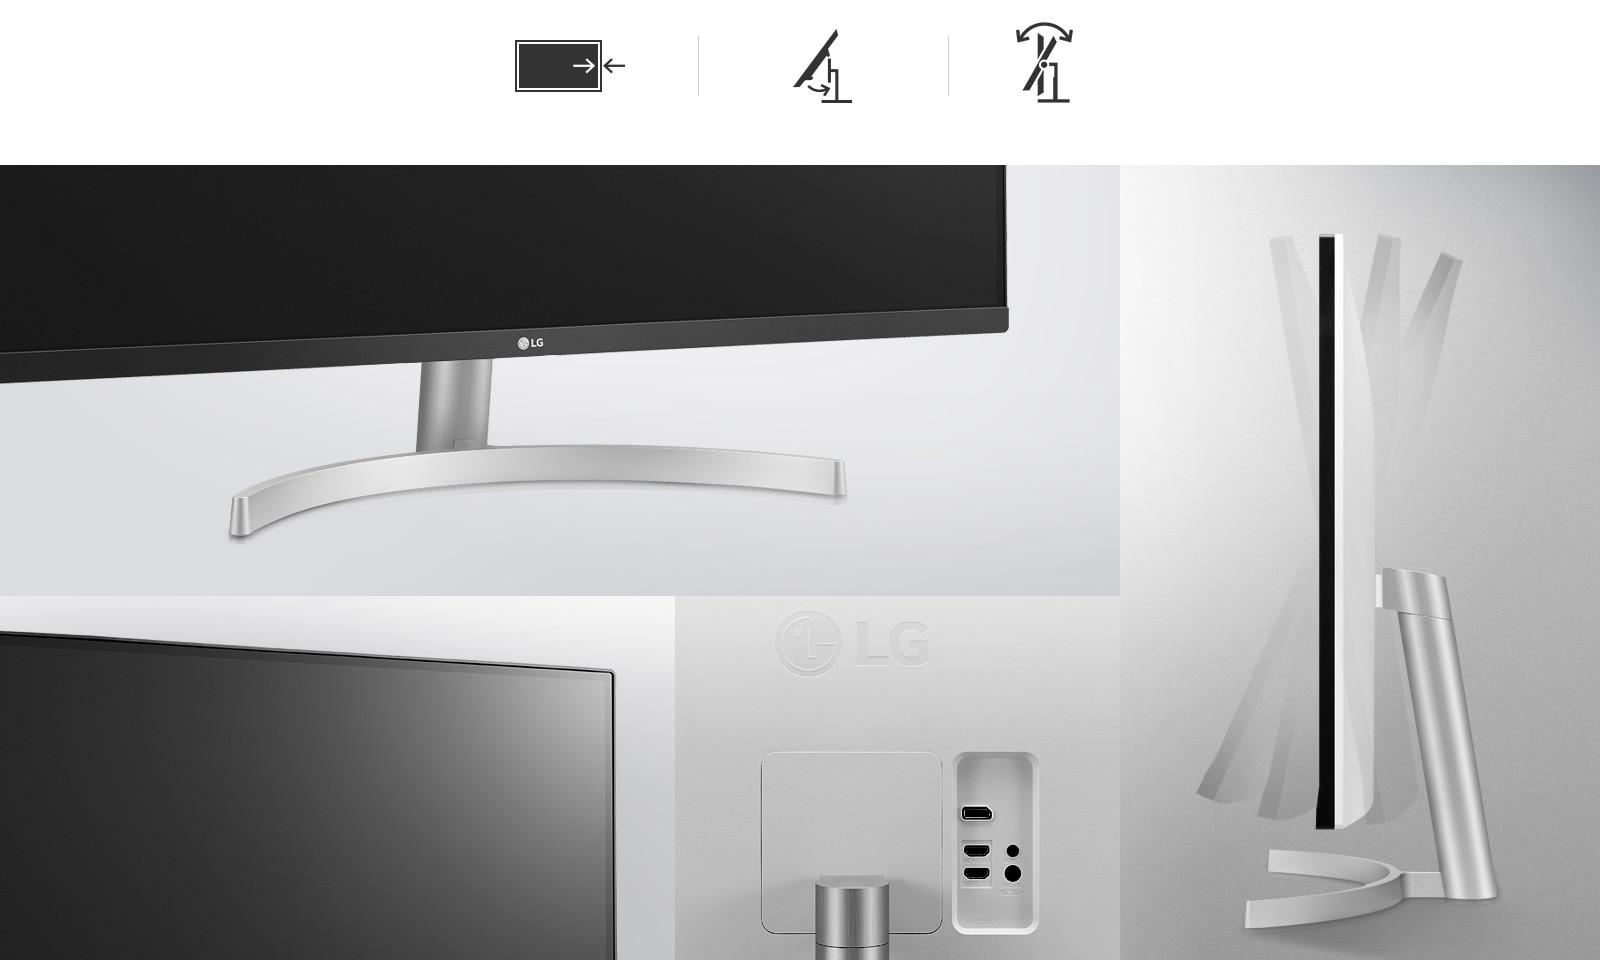 Điều chỉnh độ nghiêng, chân đế lắp vào khớp nhanh One-Click và thiết kế 3 cạnh Viền siêu mỏng